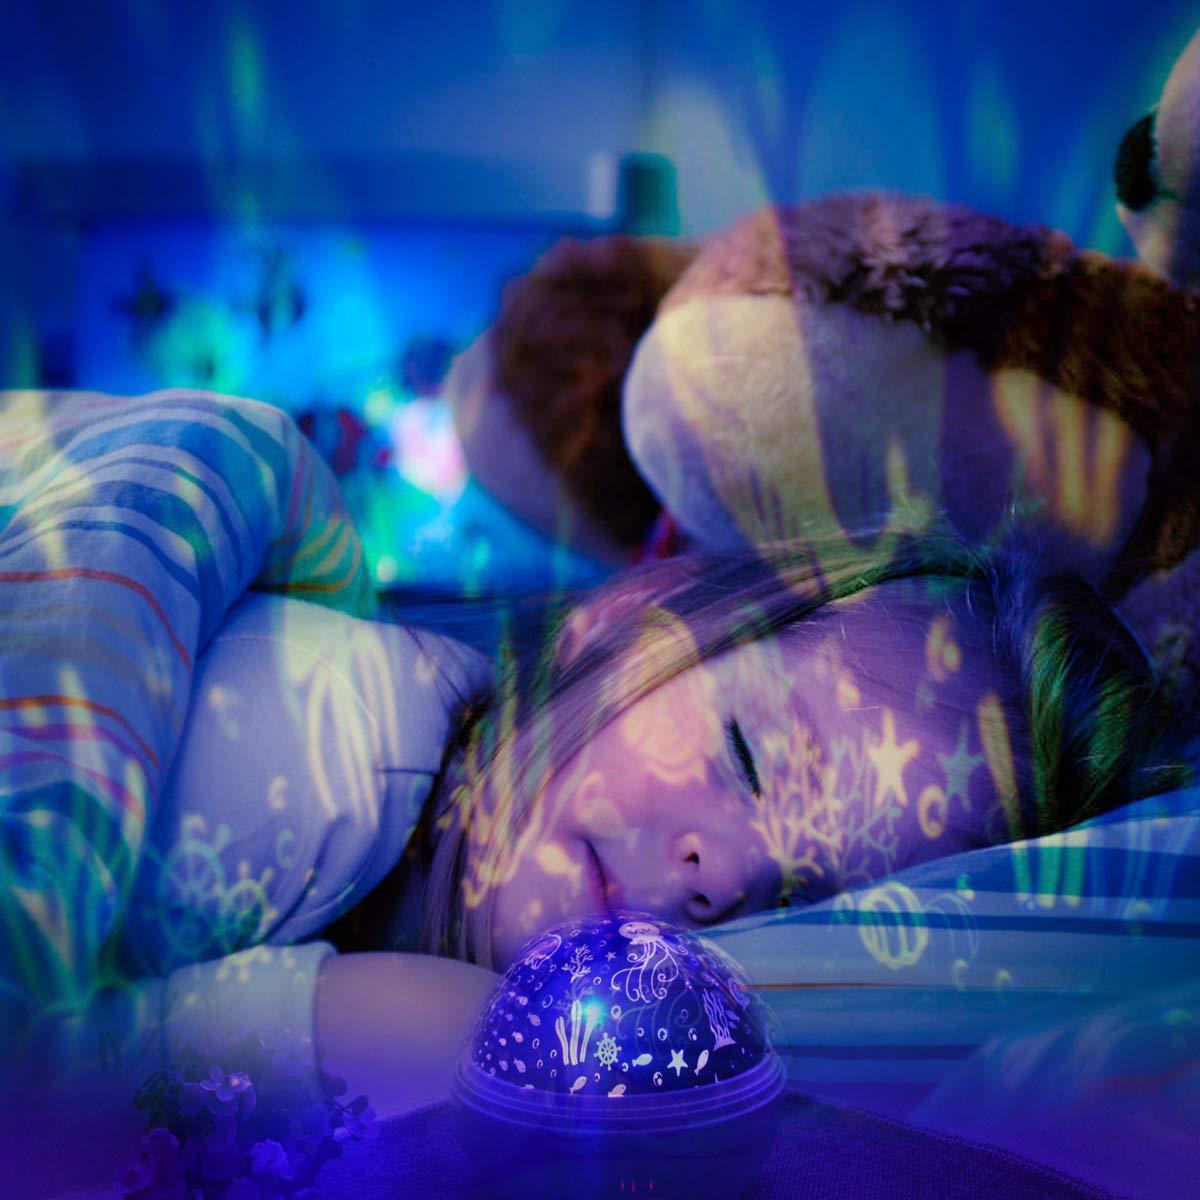 Star Light Night Proiettore Lampada, Sunvito 360 gradi che girano lampada proiettore romantico Stelle Moon Sky Proiettore per bambini, bambini, regali di Natale, camera per bambini, matrimonio, compleanno, vacanze (bianca)